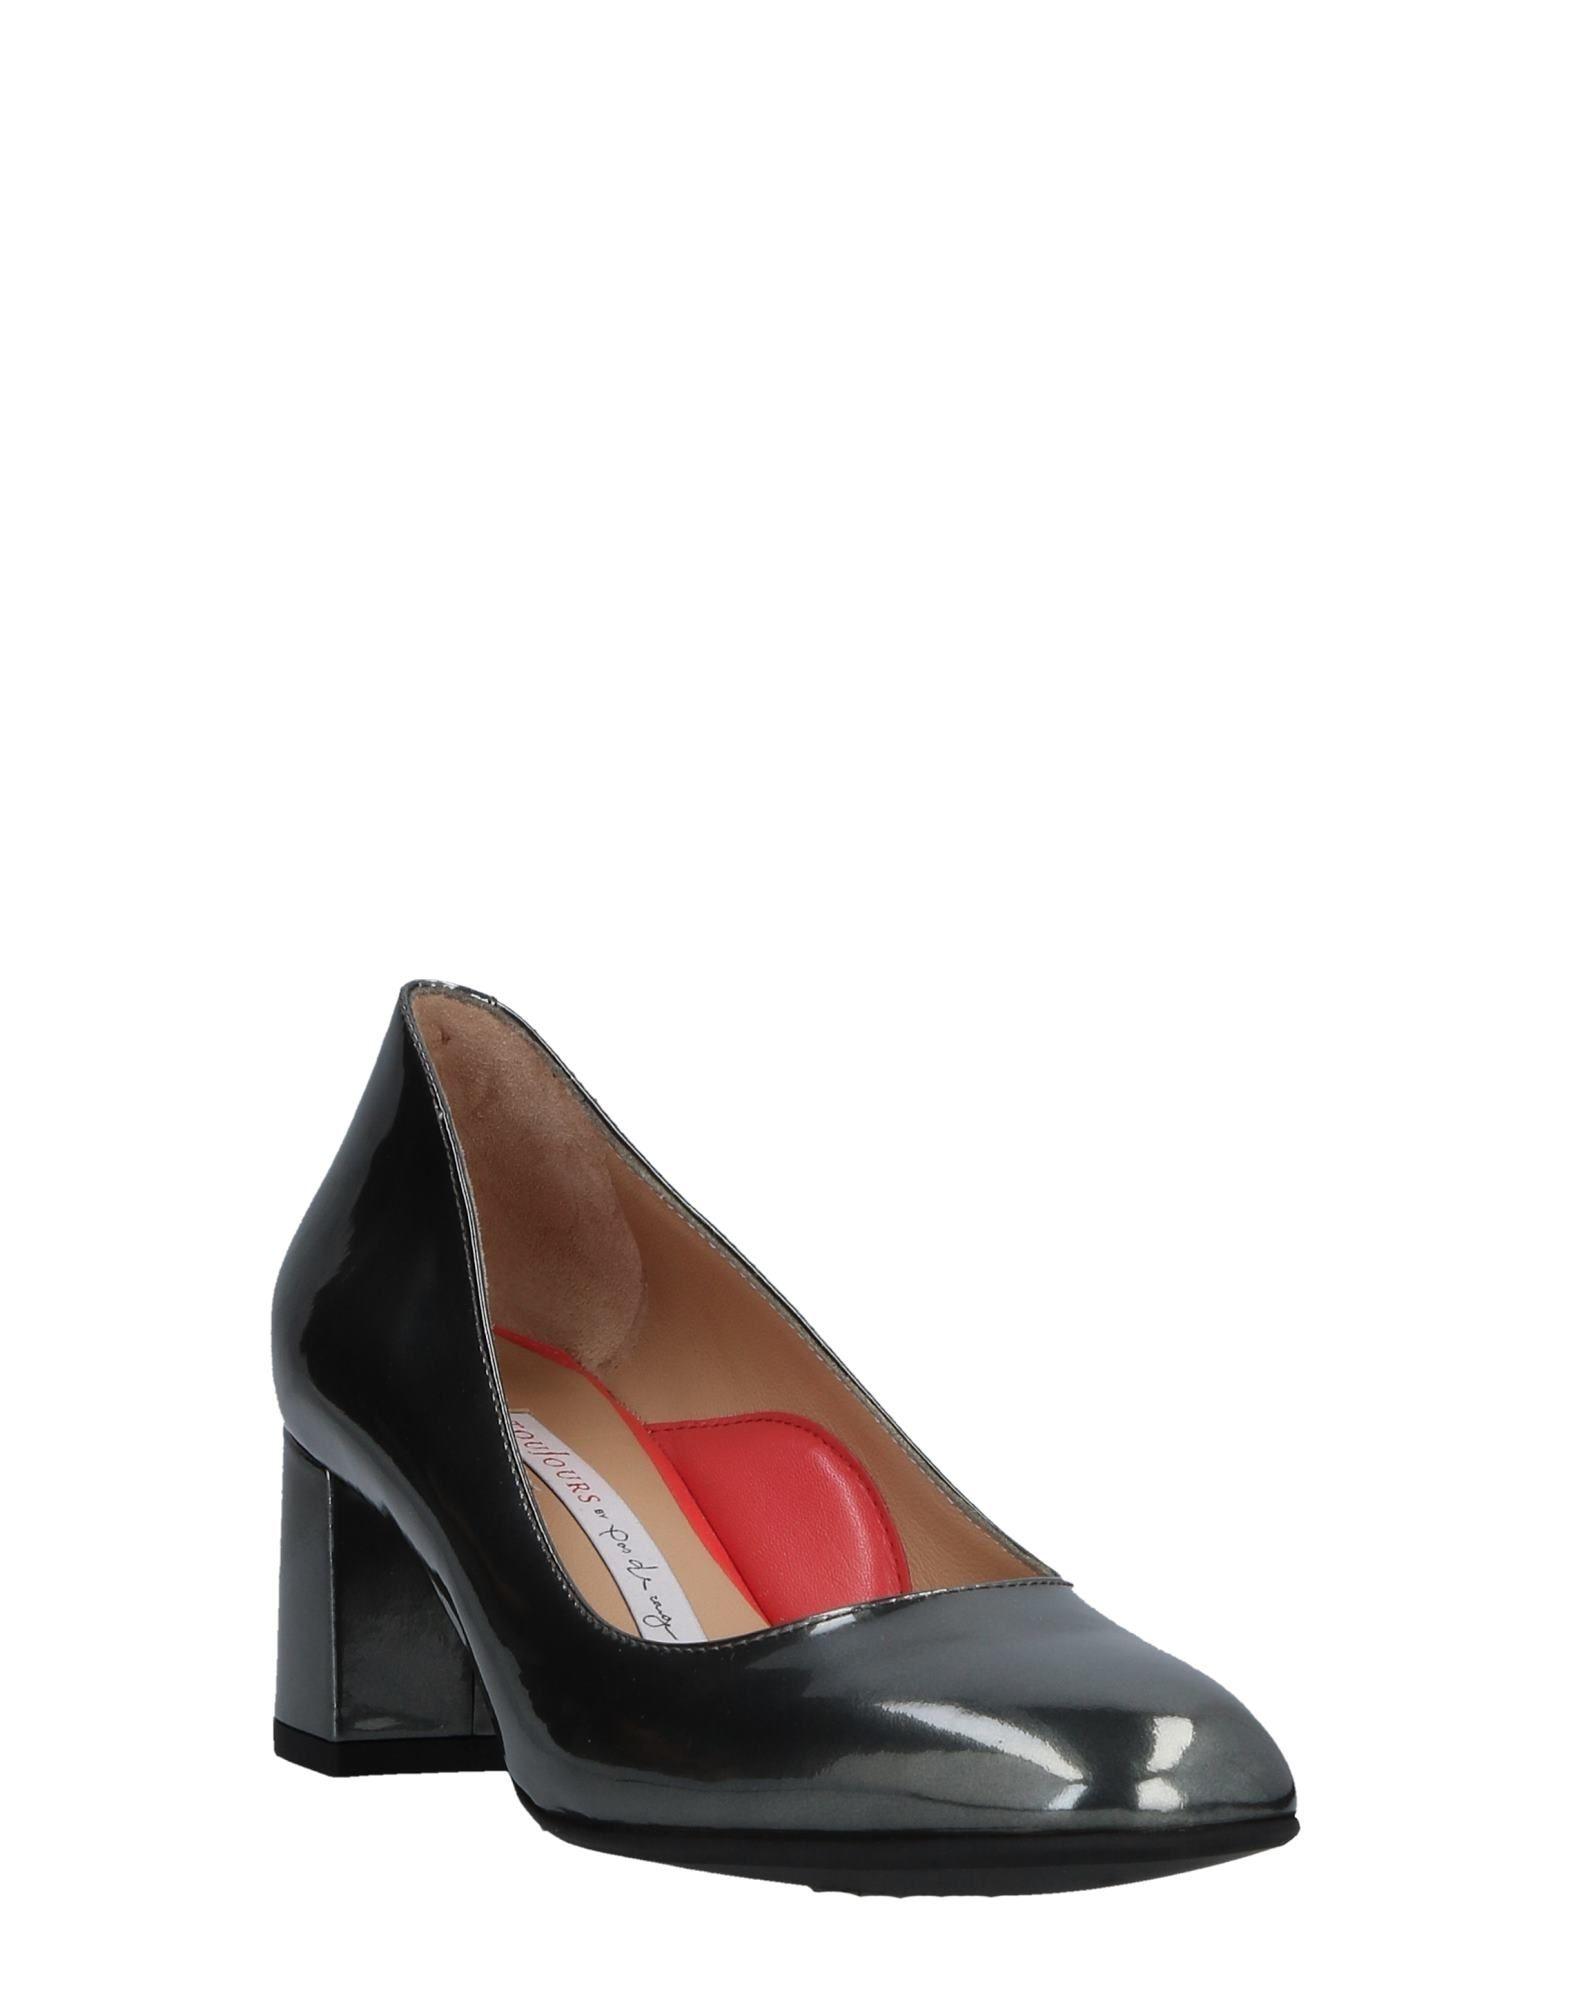 Stilvolle Rouge billige Schuhe Pas De Rouge Stilvolle Pumps Damen 11512773LG 9cbac7